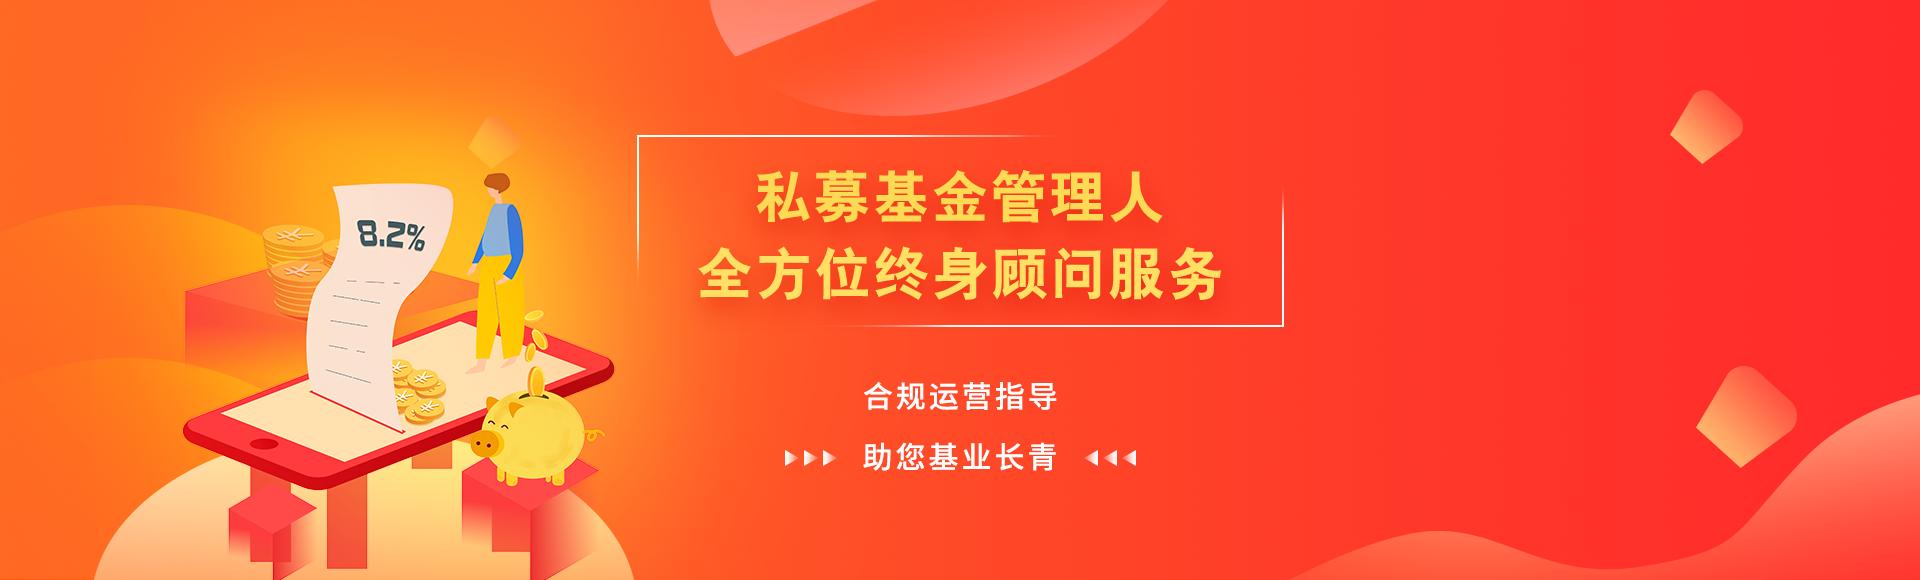 小额贷款福彩3d字谜乐彩转让,收购小额贷款资质